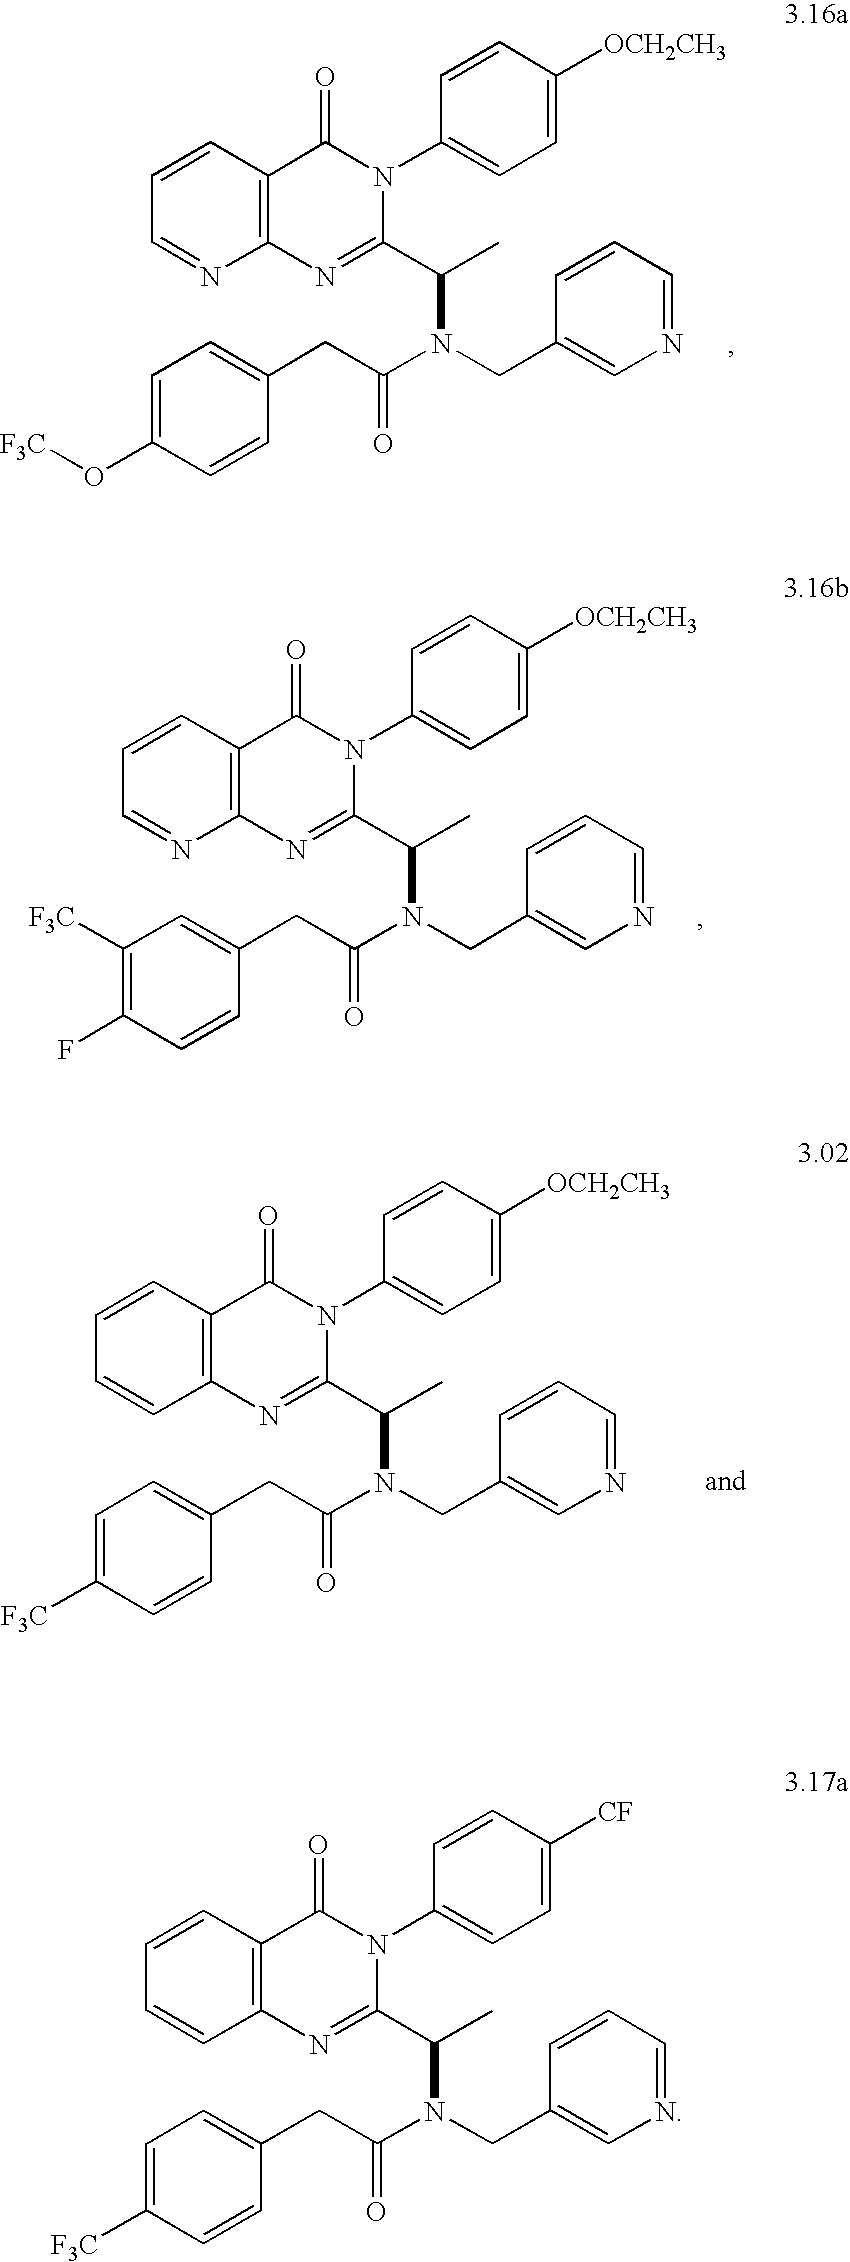 Figure US06794379-20040921-C00009